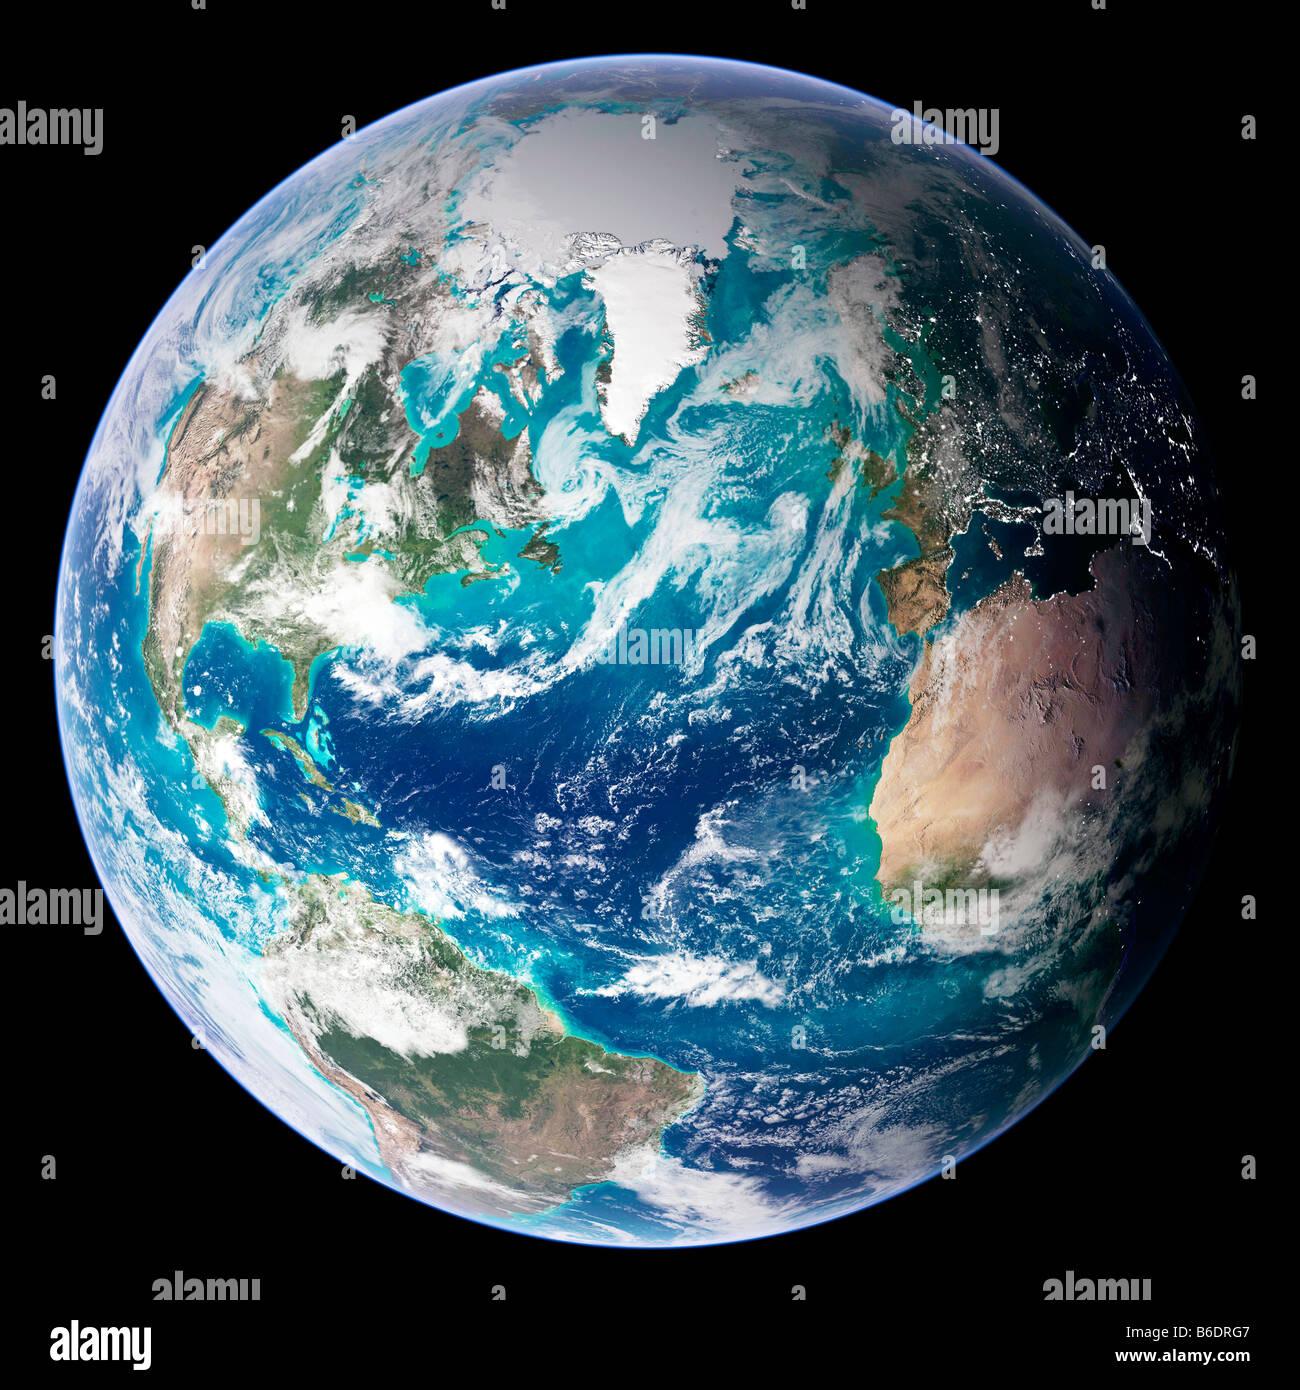 Imagen De Mármol Azul De La Tierra Imagen Satelital De La Tierra